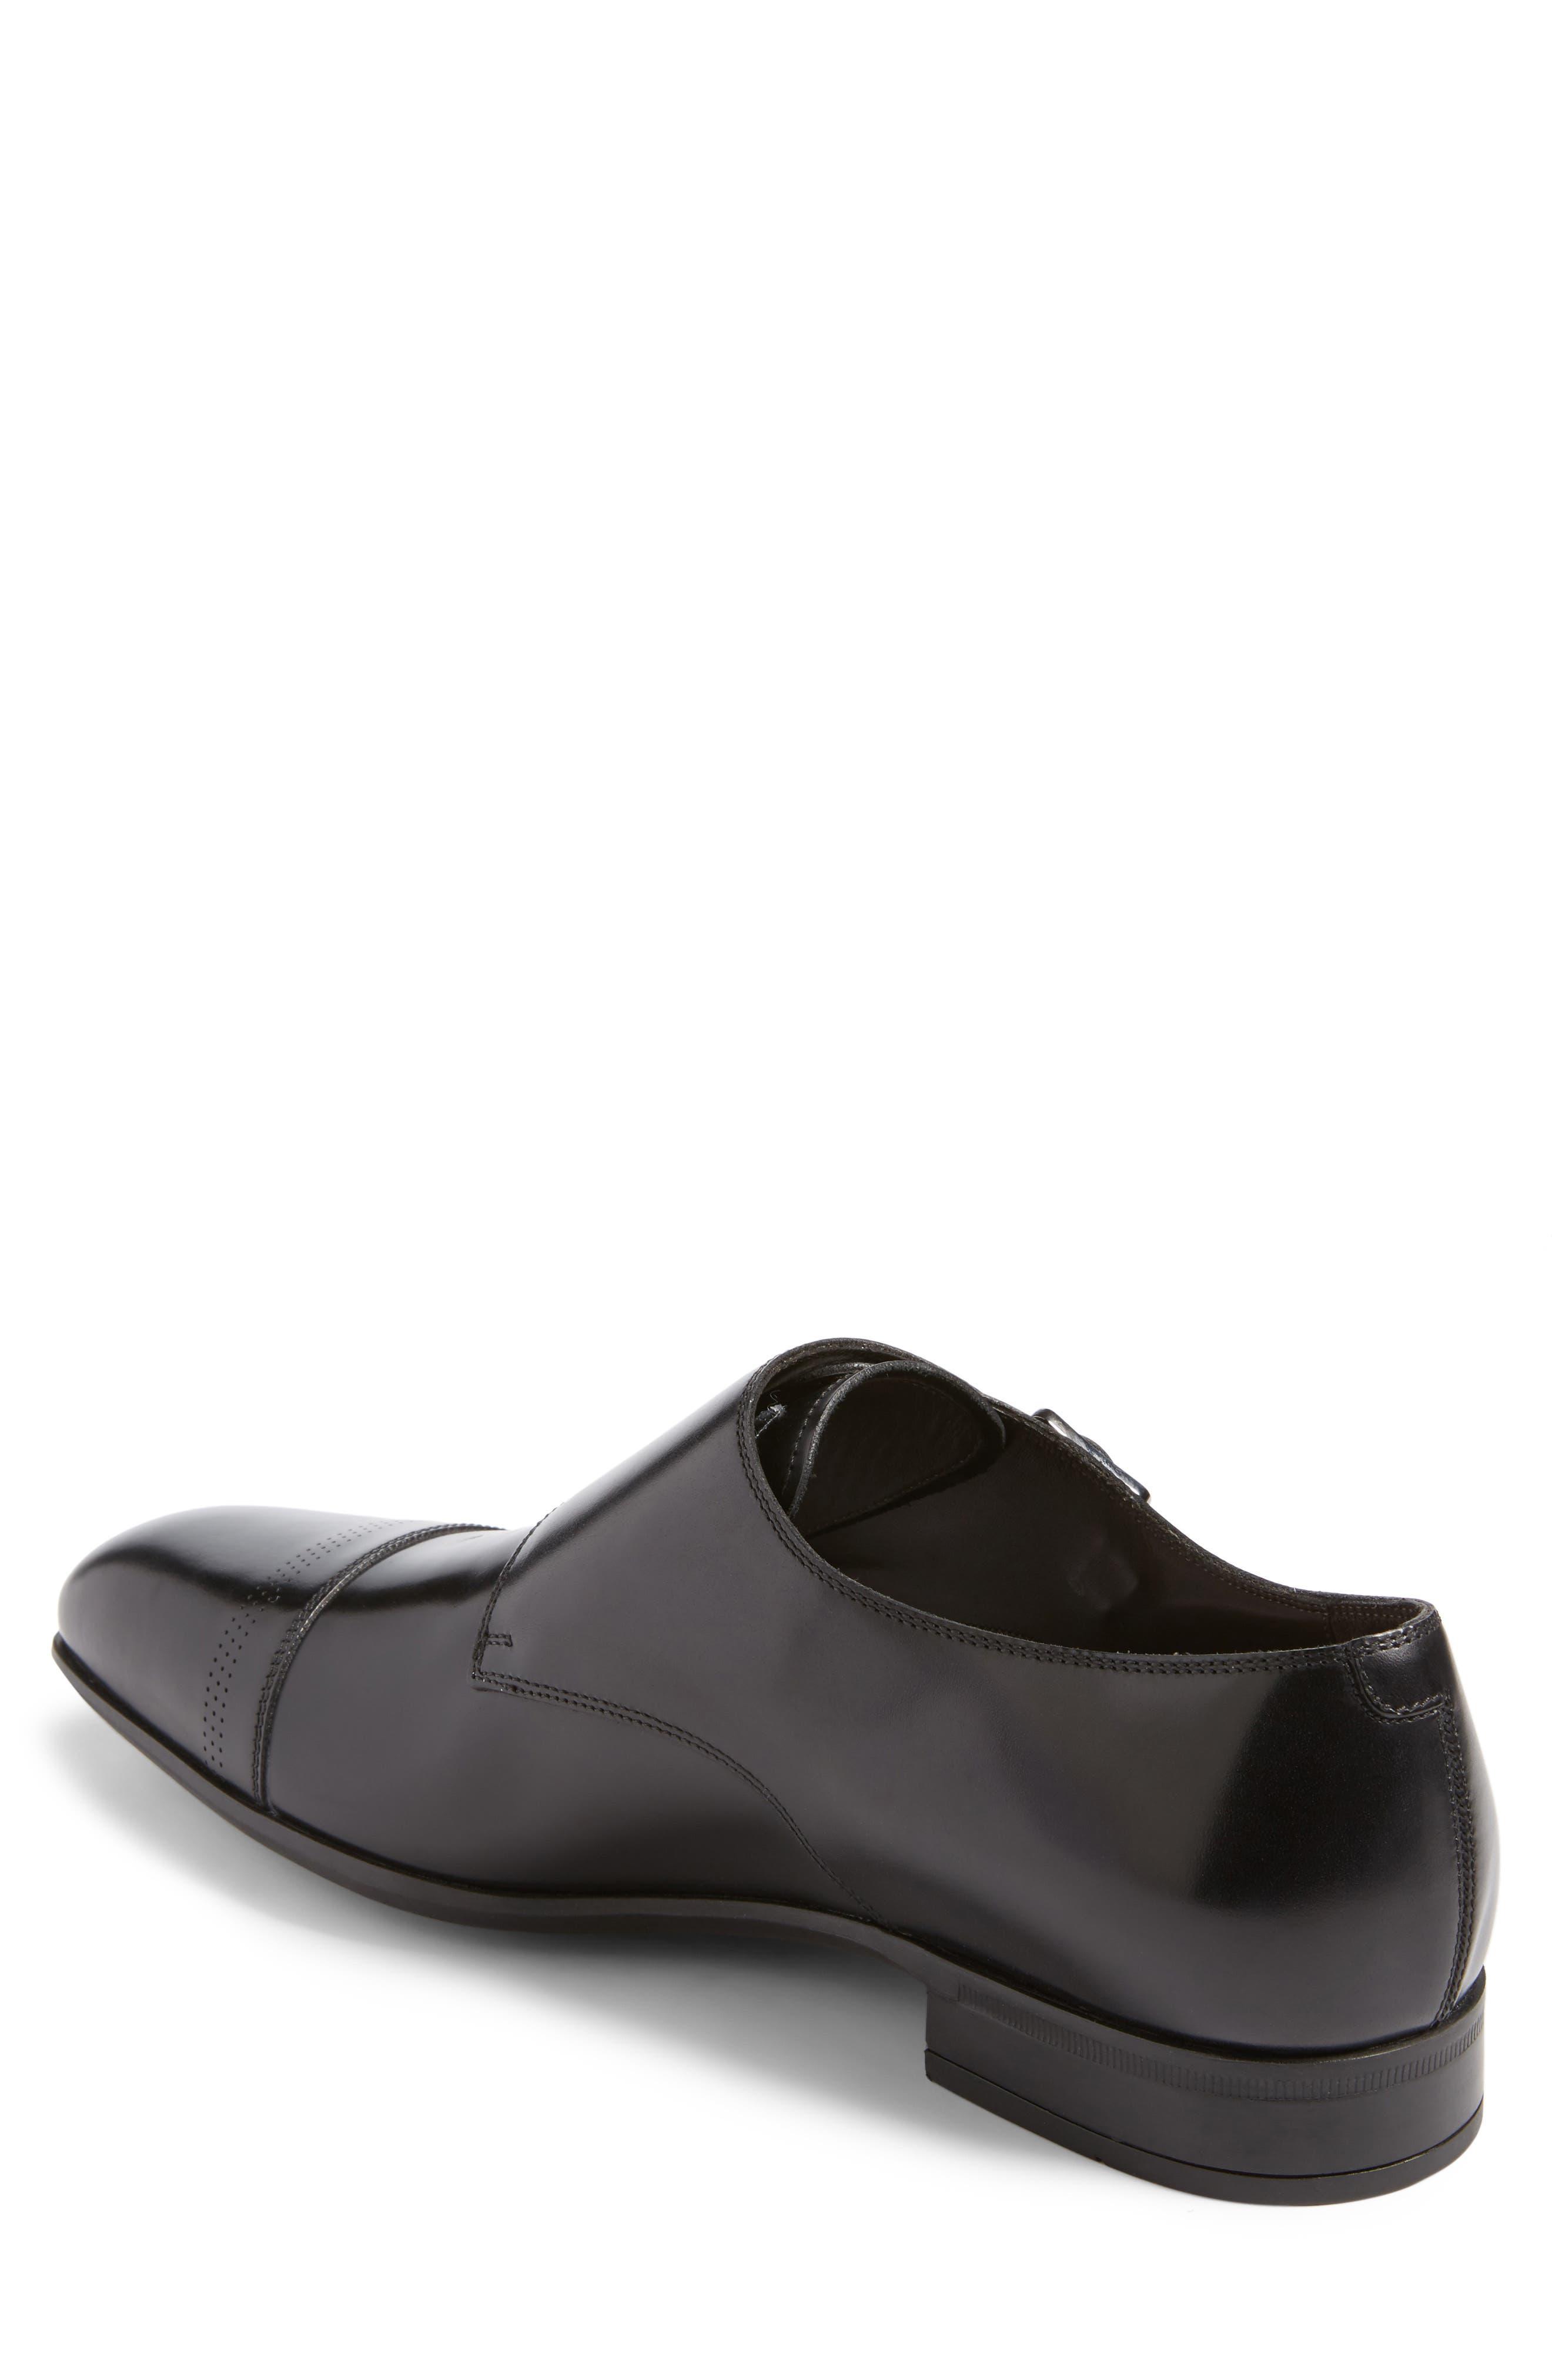 Defoe Double Monk Strap Shoe,                             Alternate thumbnail 2, color,                             001